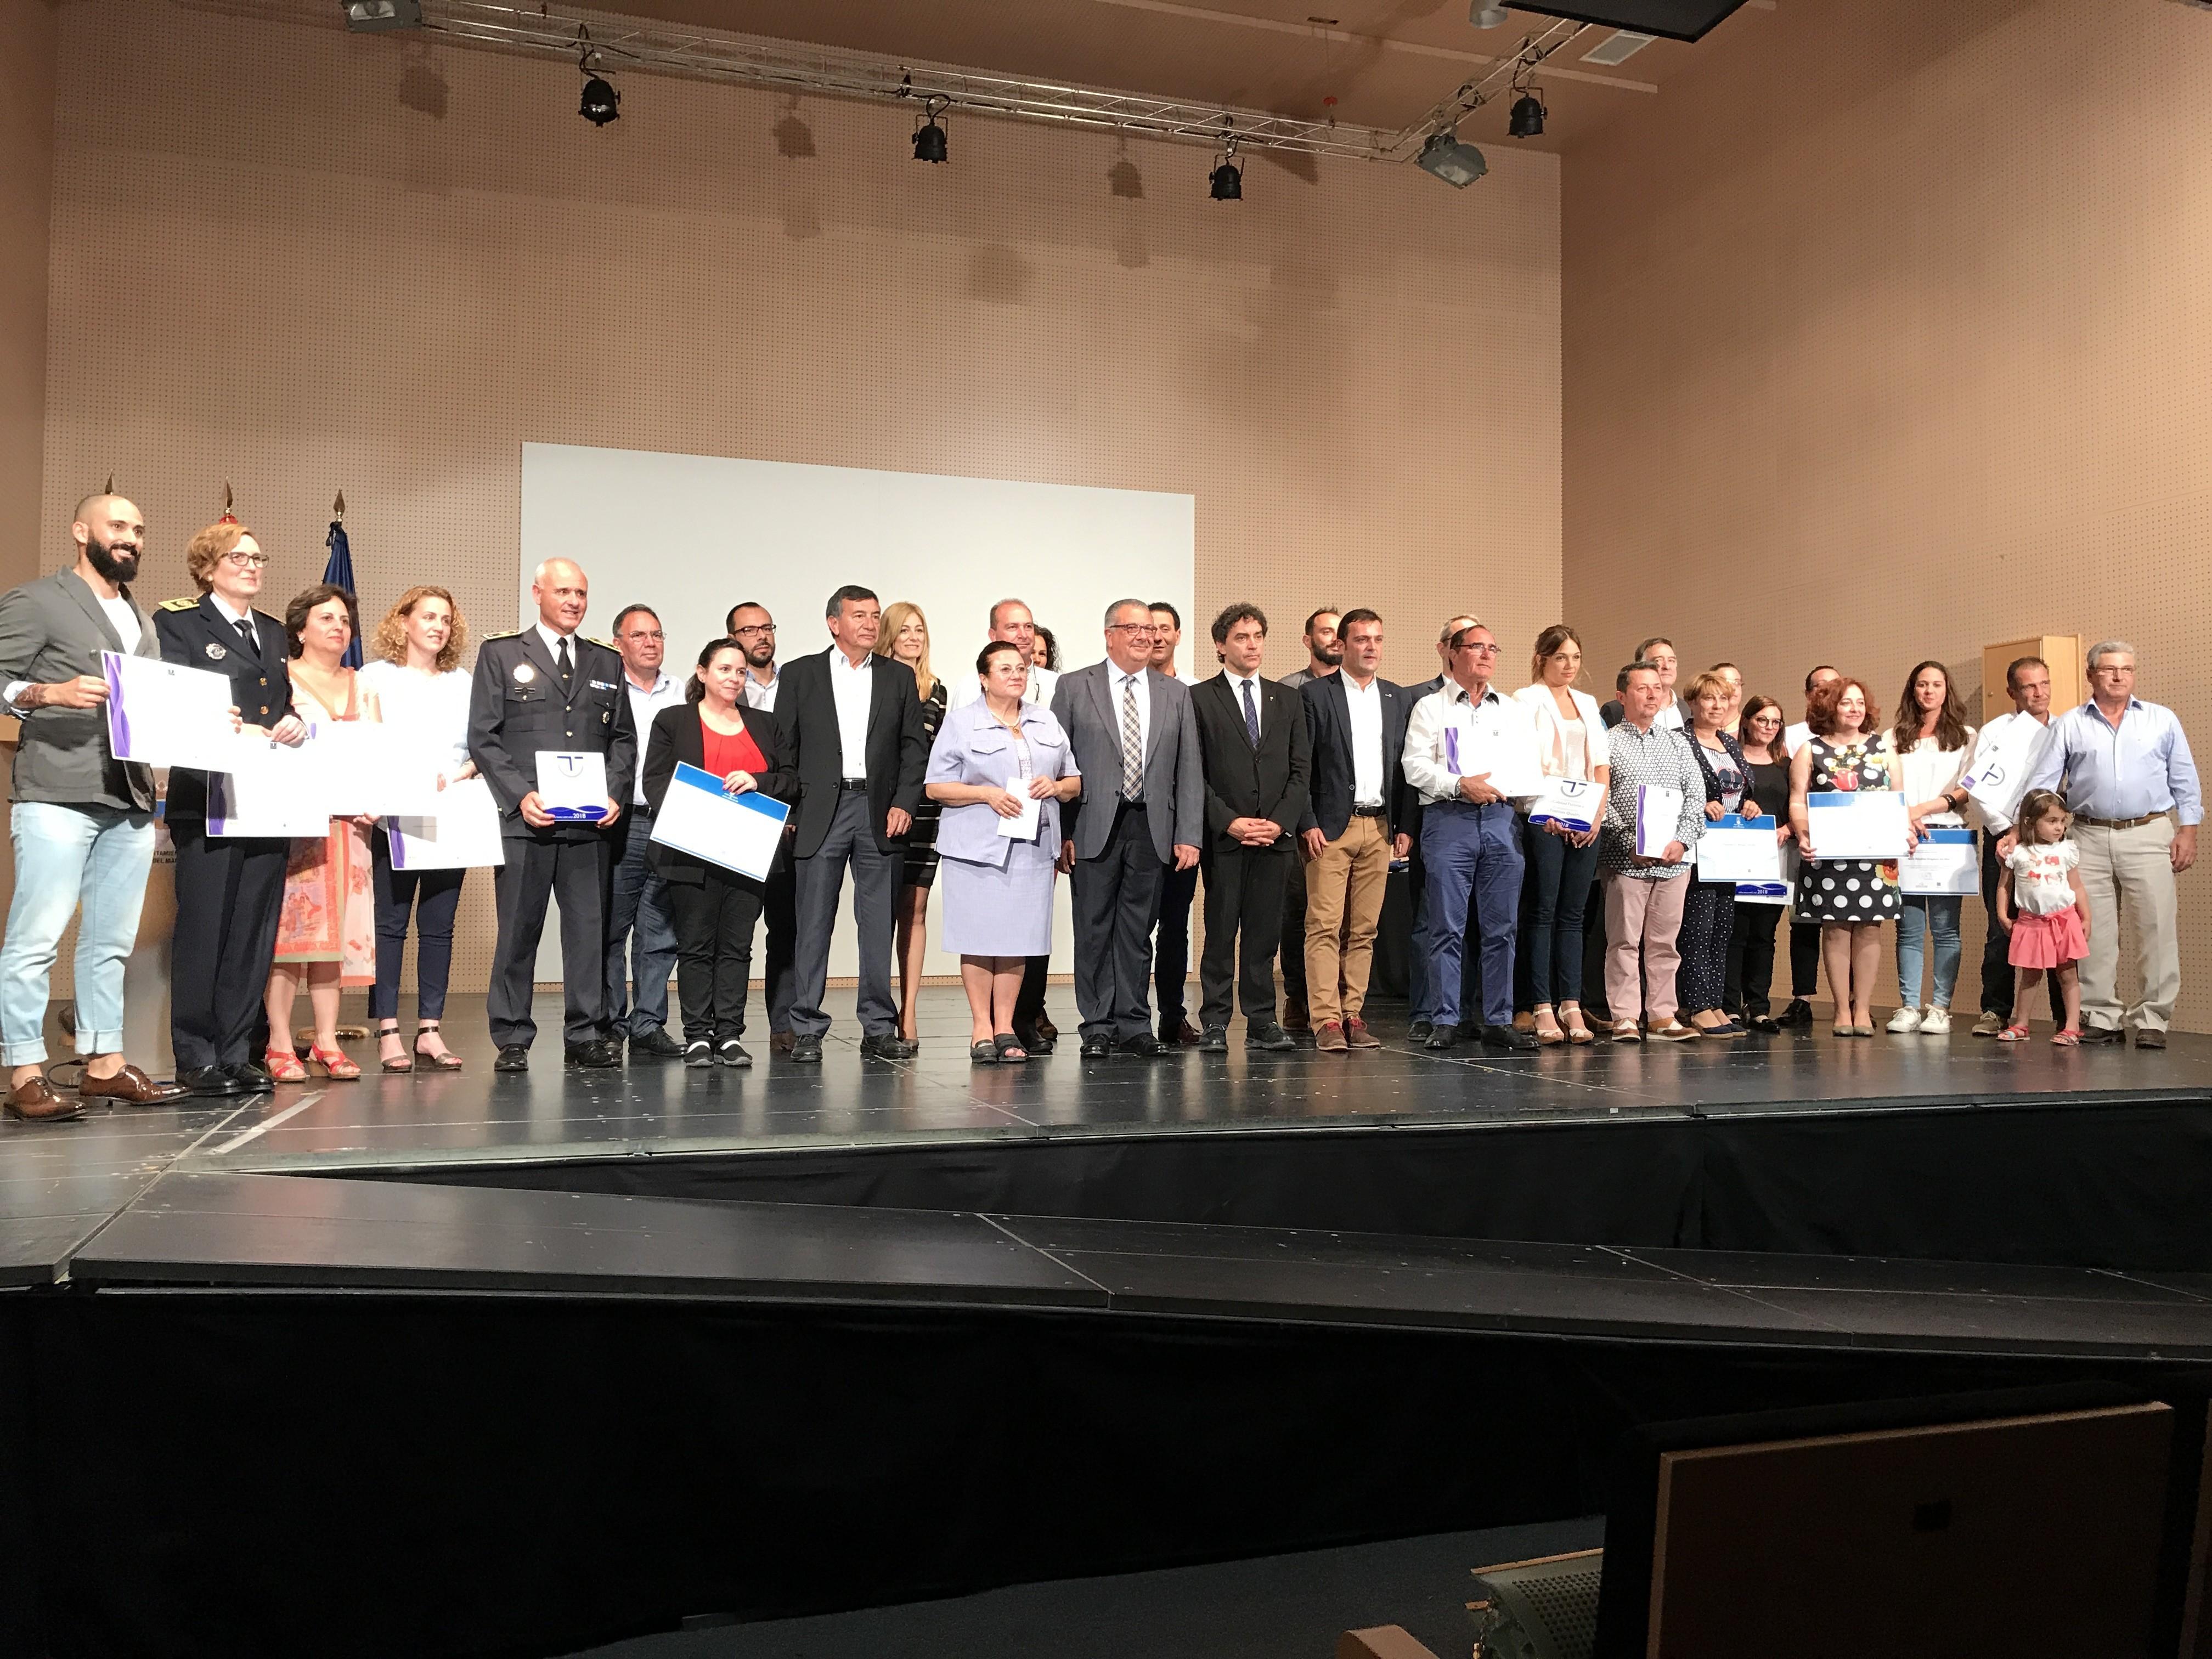 IMG 4451 - EL CLUB NÁUTICO OROPESA DEL MAR REVALIDA LA ACREDITACIÓN SICTED